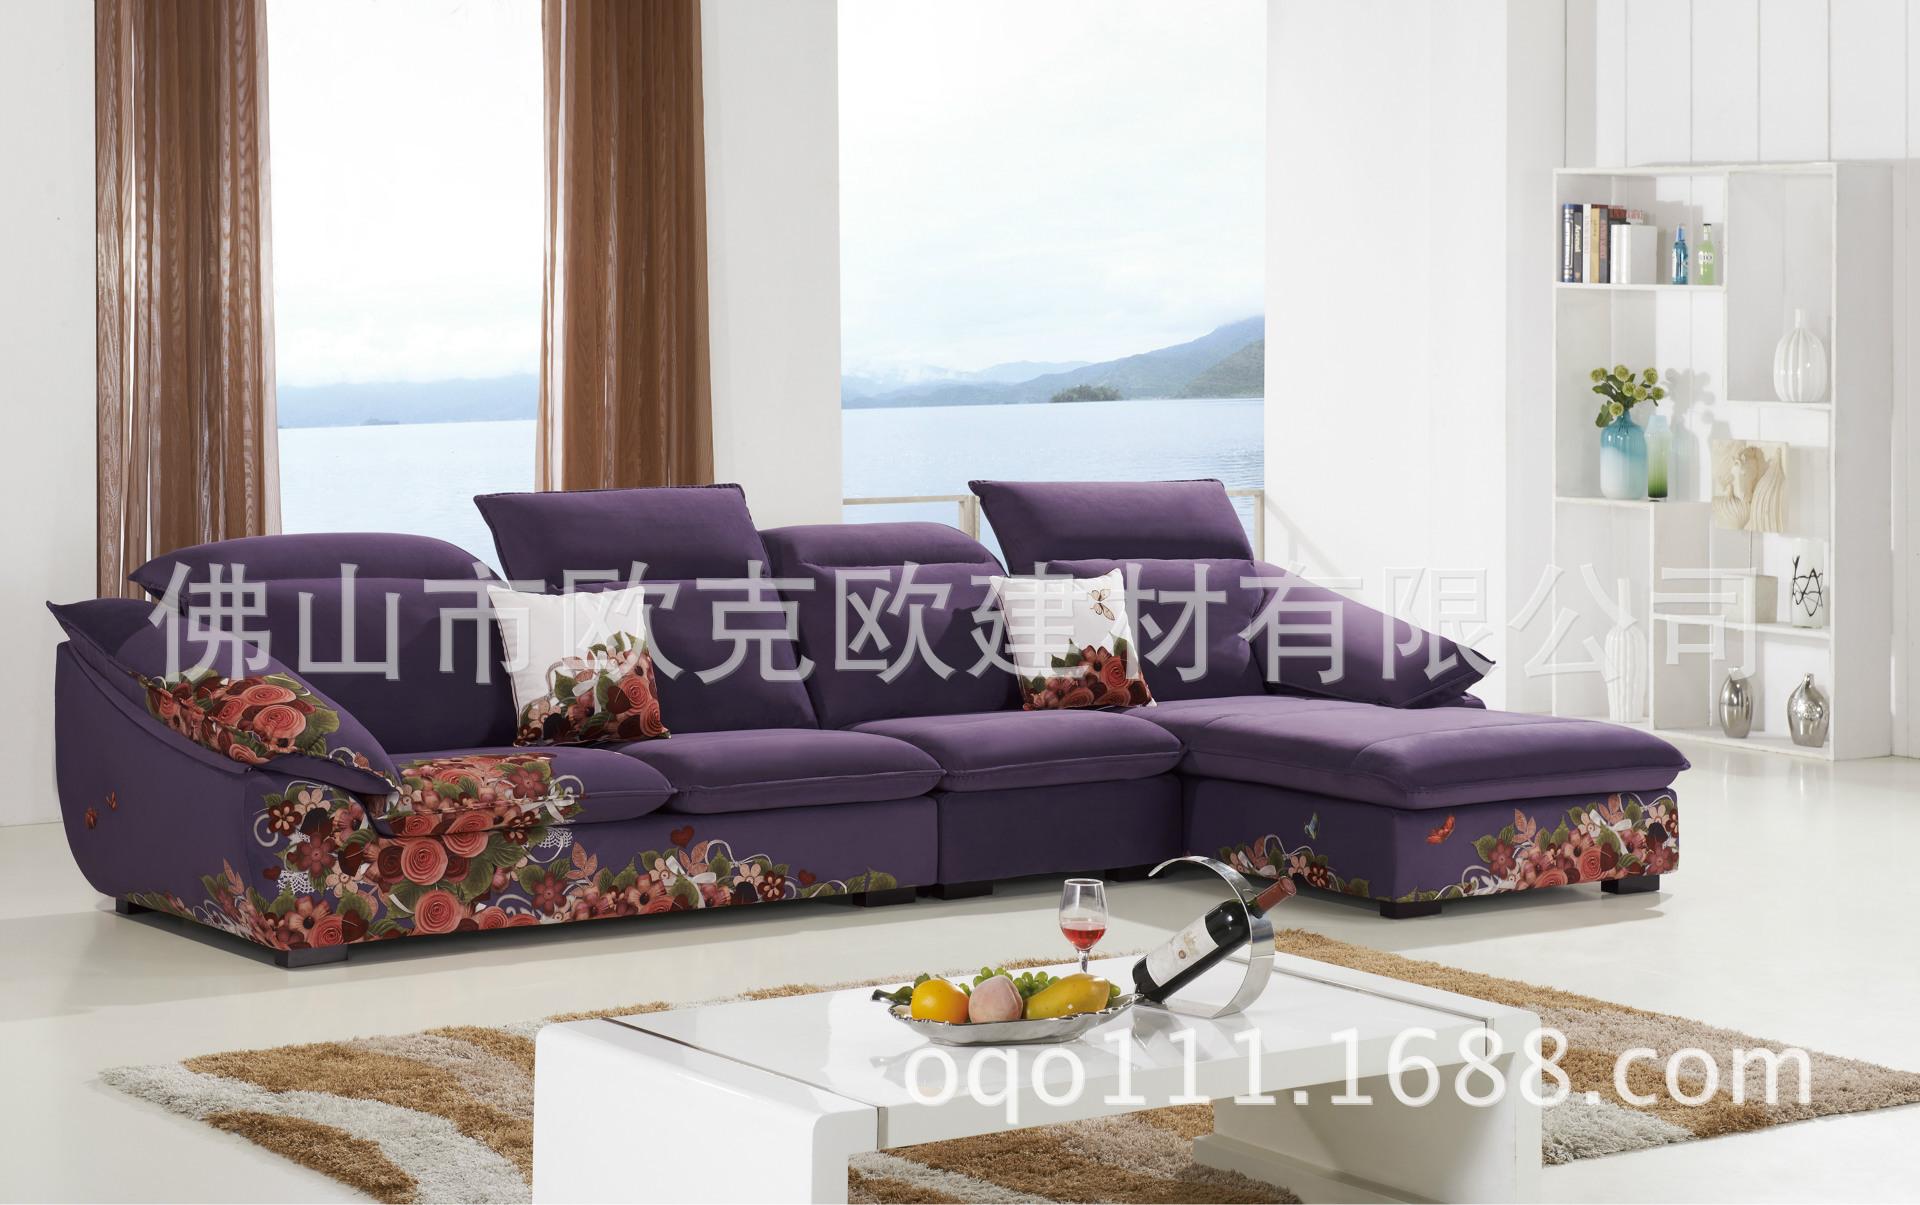 沙发类 480 A高档数码印花布艺沙发 时尚沙发家居配套 厂家直销加工